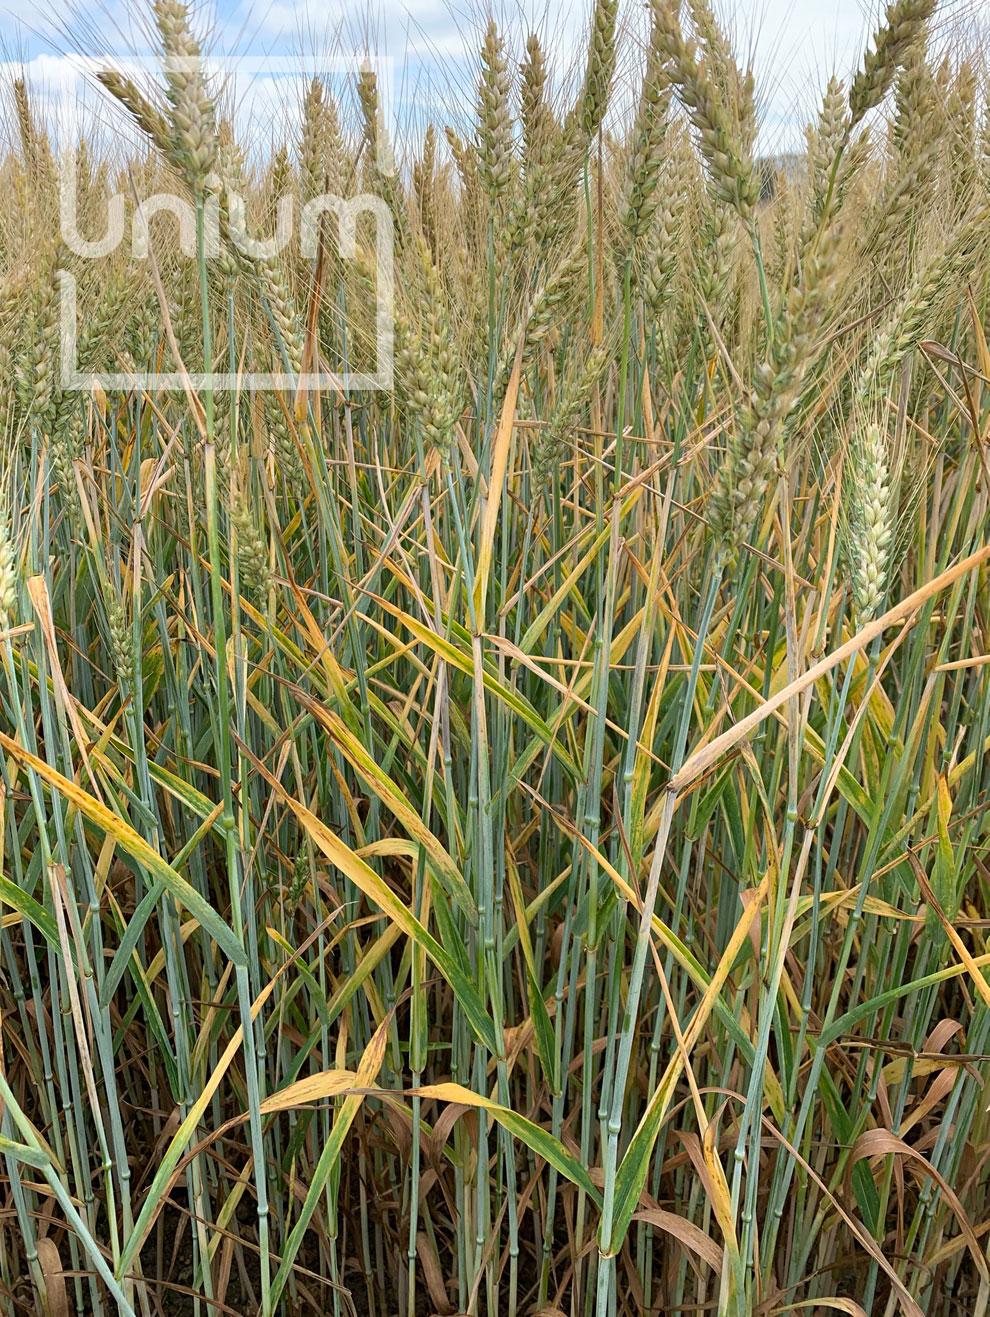 Wheat Unium Biostimulant